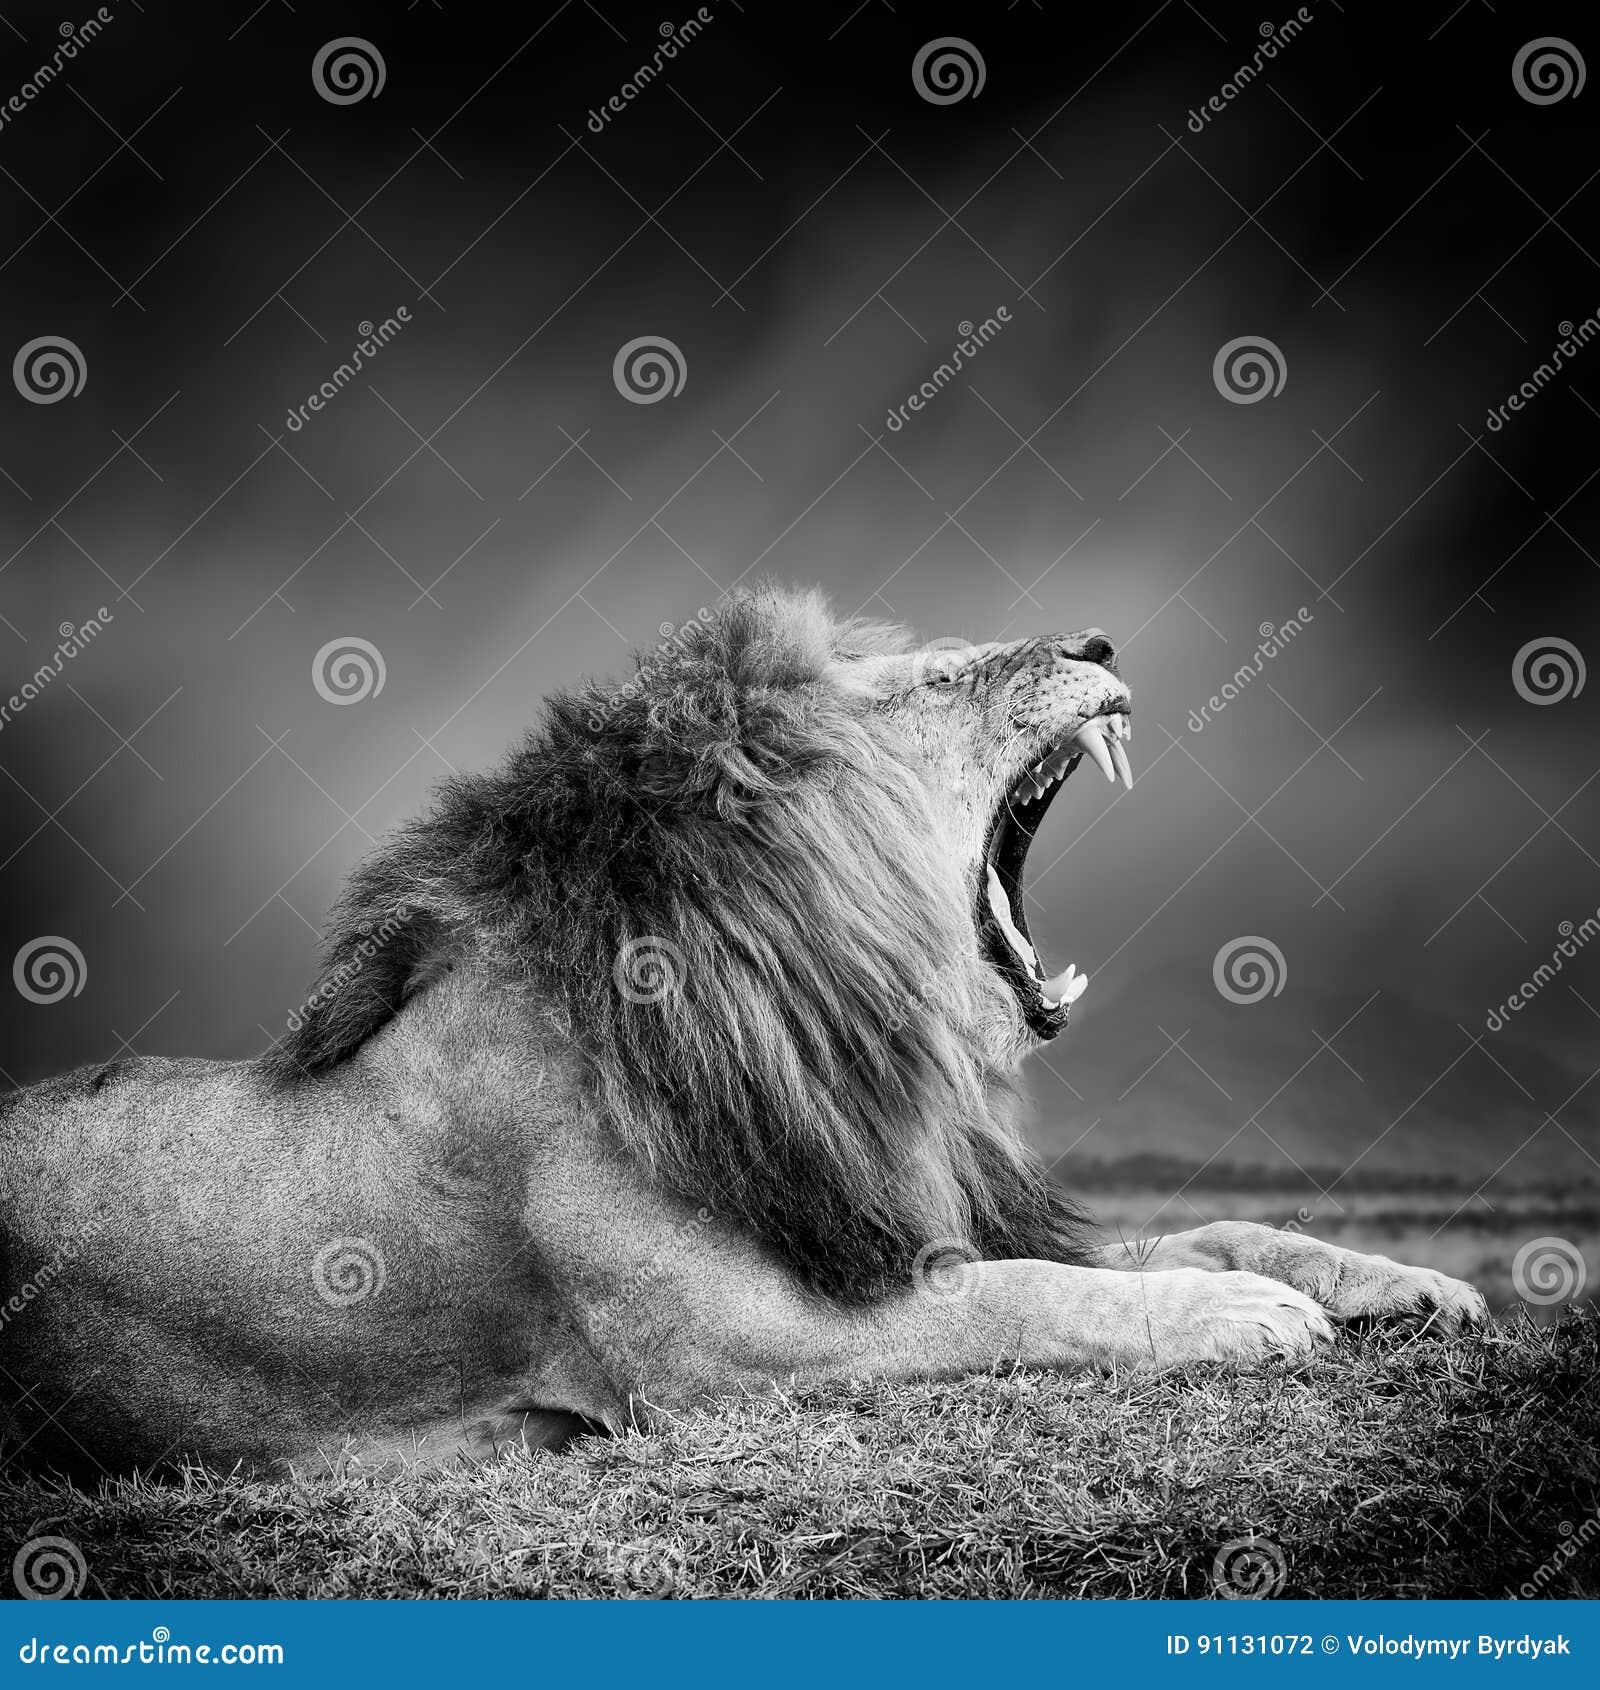 Immagine in bianco e nero di un leone